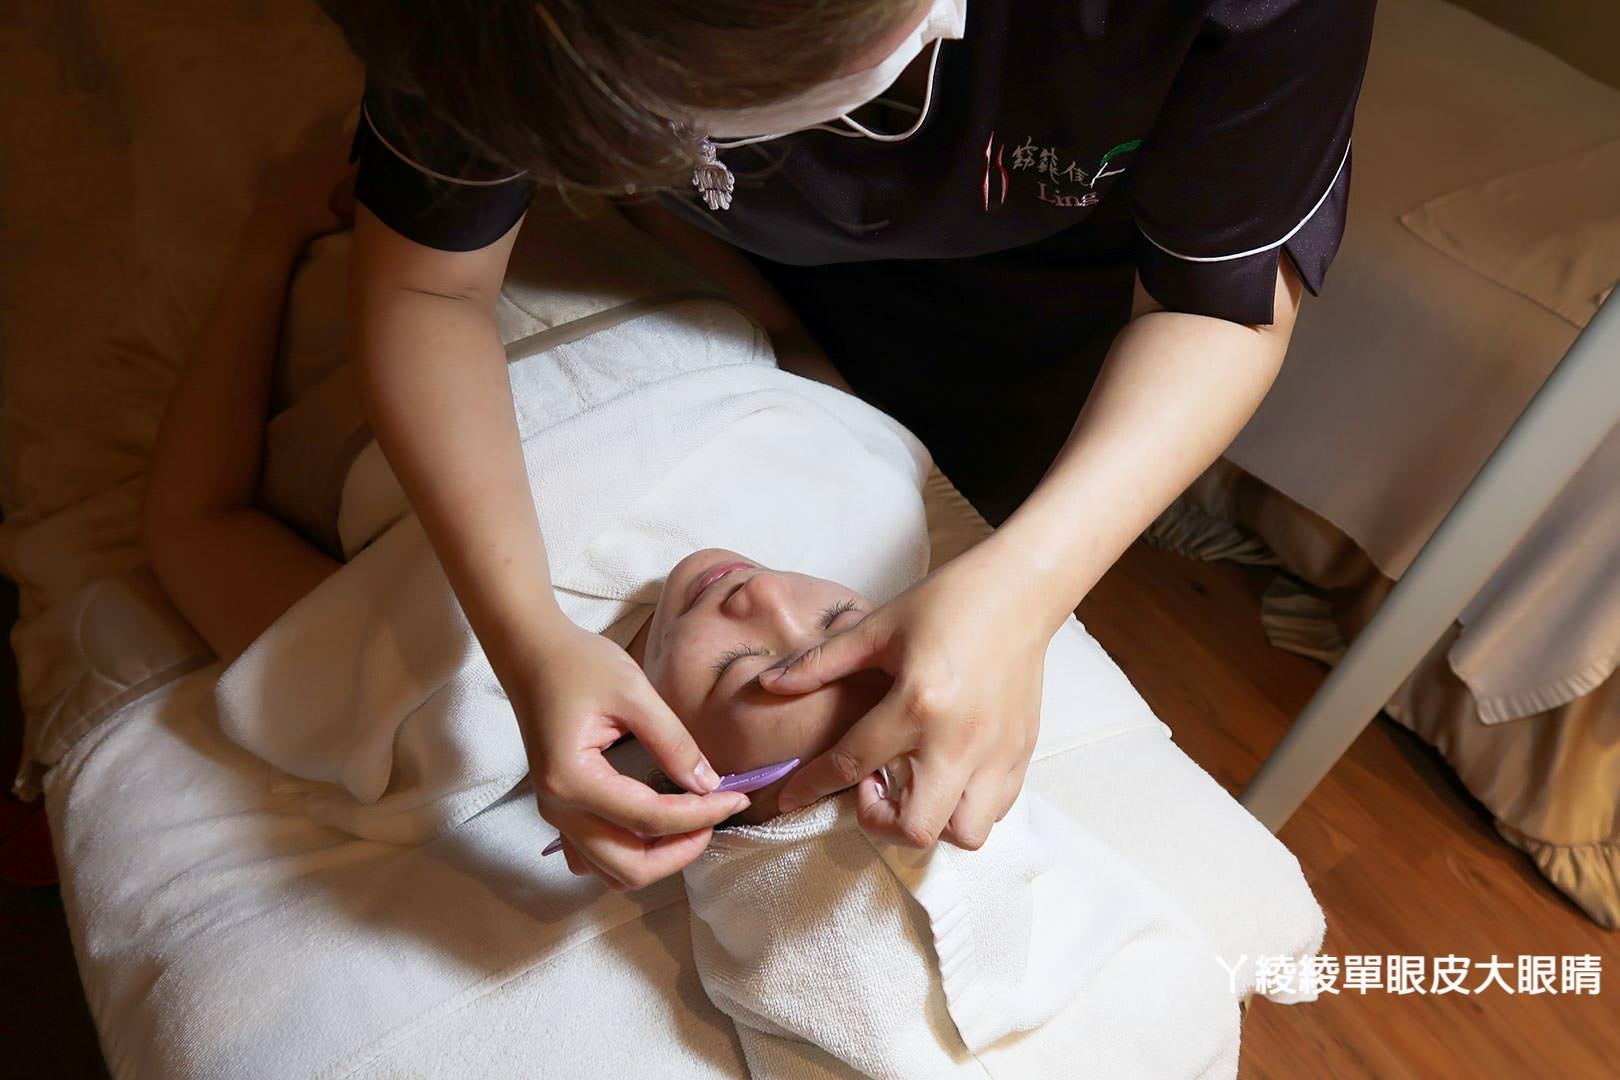 新竹護膚按摩推薦<窈窕佳人美容美體SPA生活館>,肩頸放鬆 保濕肌膚